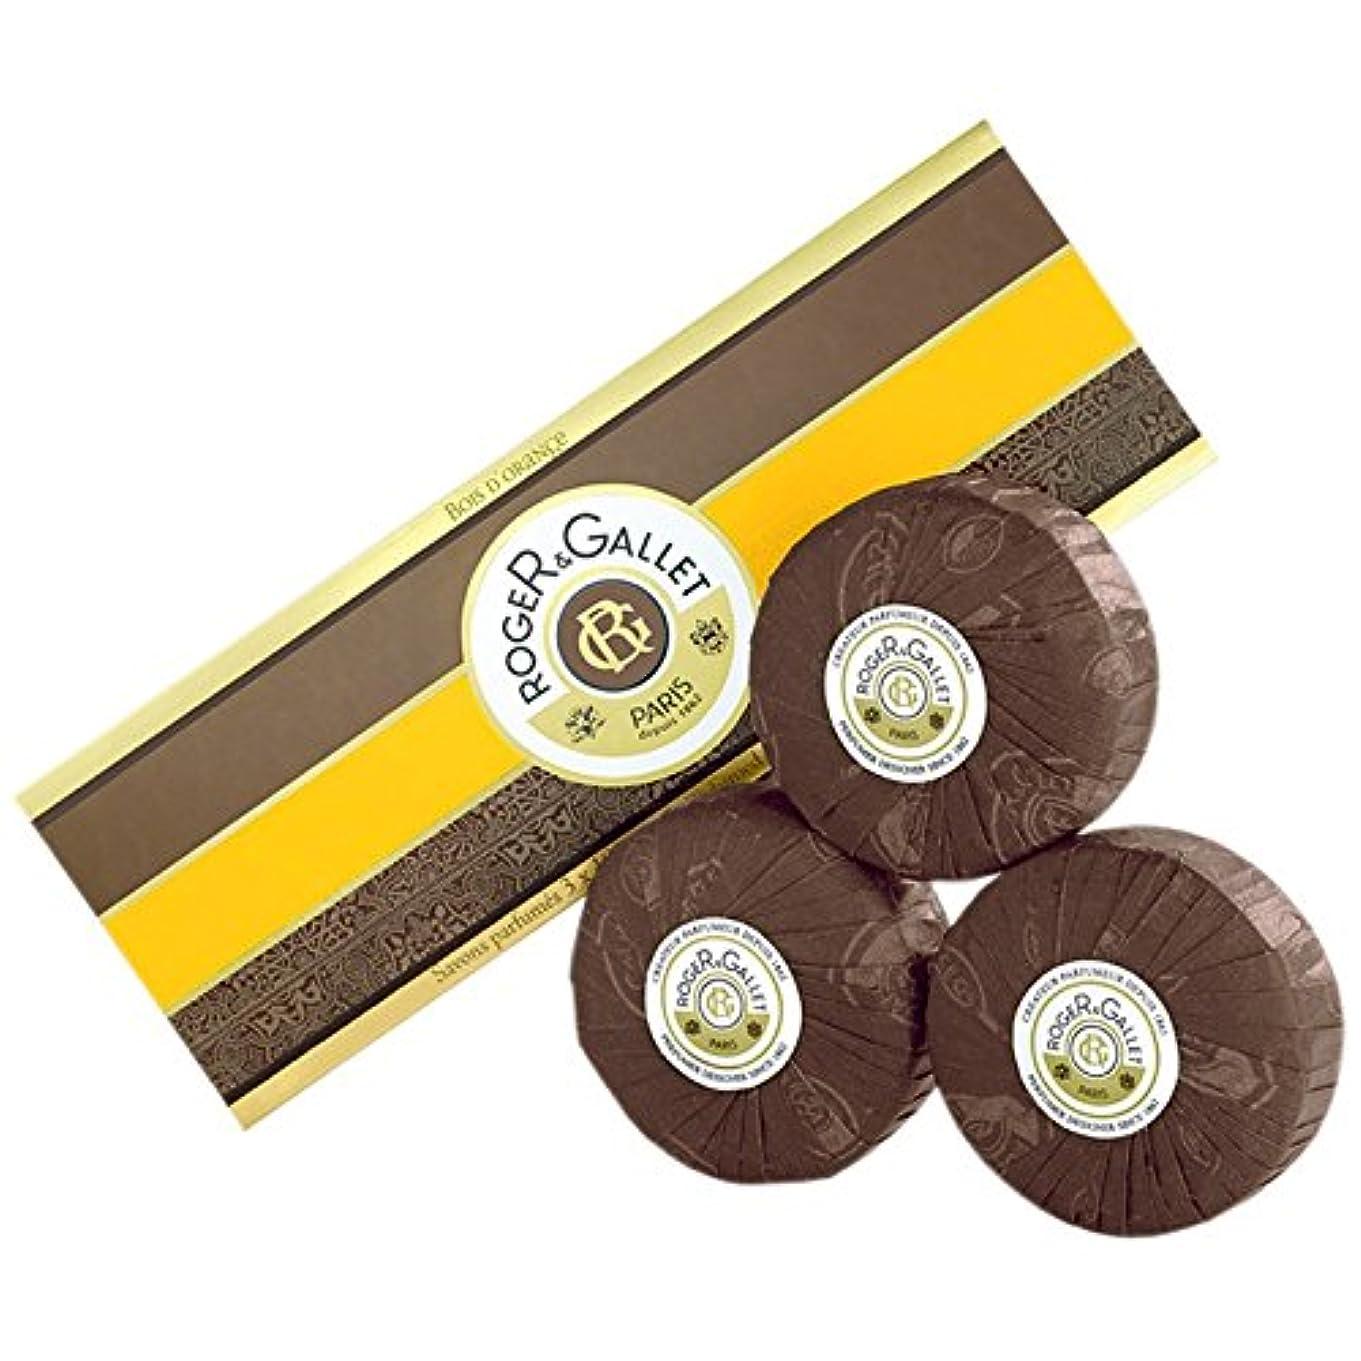 一杯イタリアのシャンプーロジャー&GalletのBoisのドールオレンジソープ3つのX 100グラム (Roger & Gallet) (x6) - Roger & Gallet Bois D'Orange Soap 3 x 100g (Pack of 6) [並行輸入品]